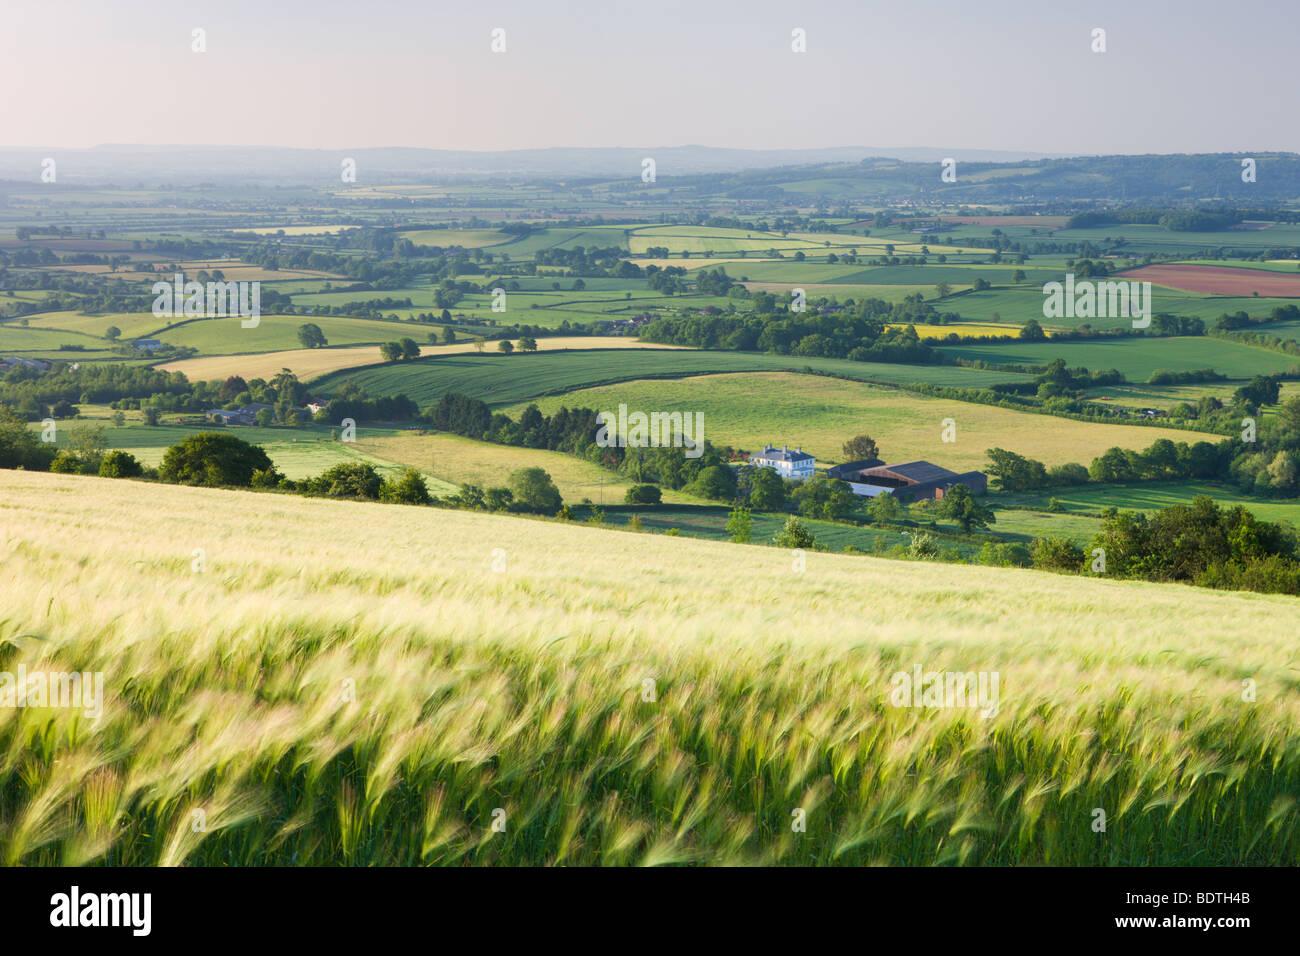 Barley Crop Field And Rolling Devon Landscape Near